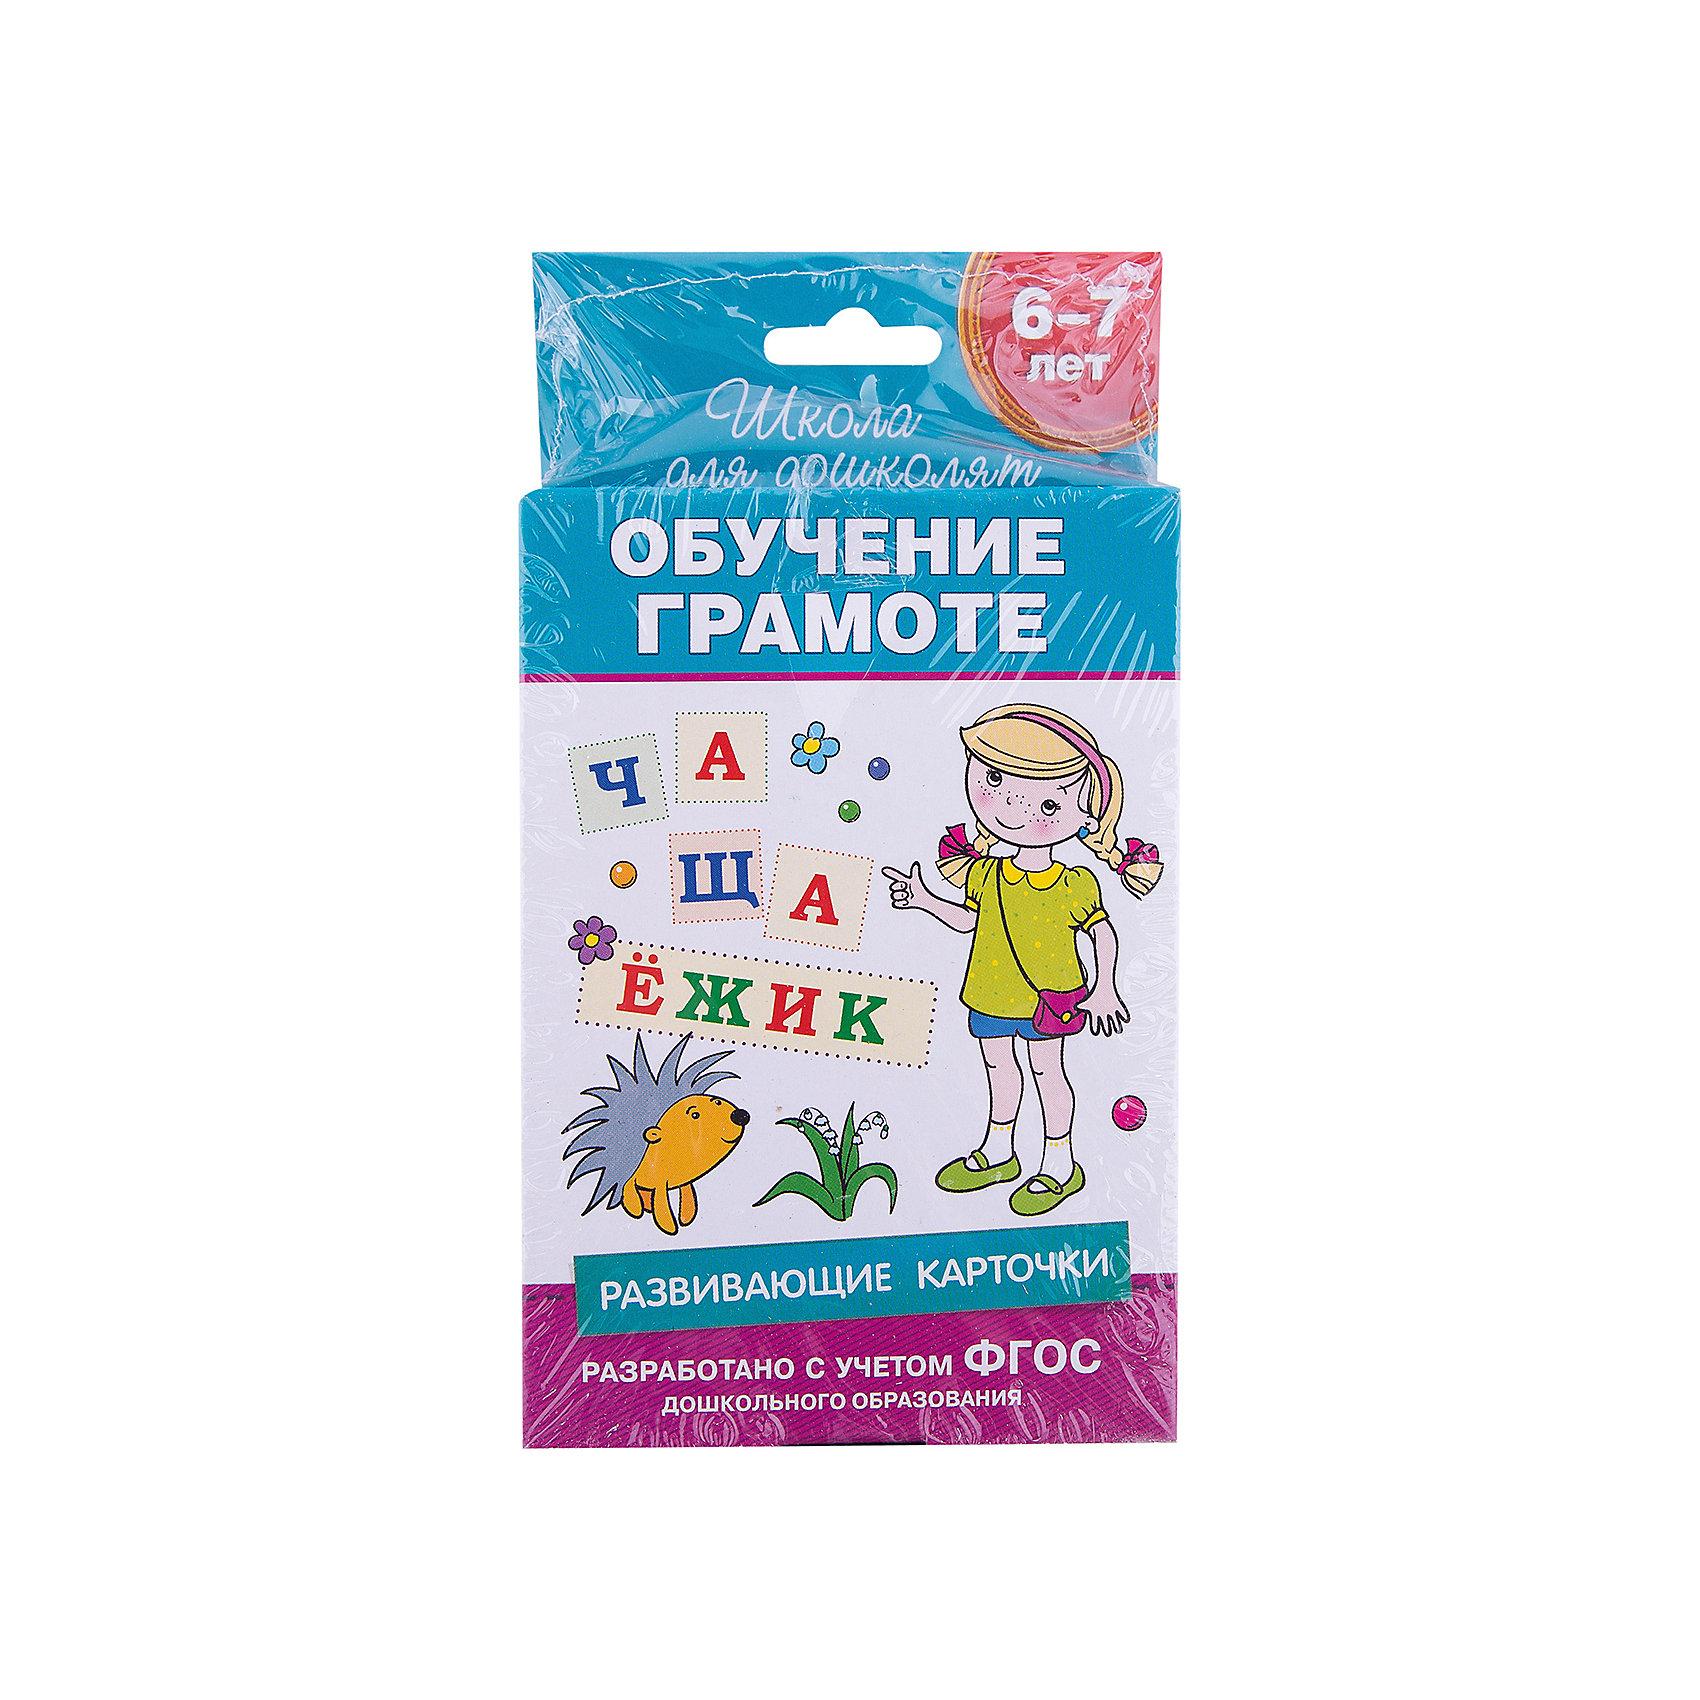 Развивающие карточки Обучение грамоте, Школа для дошколятОбучающие карточки<br>Набор развивающих карточек Обучение грамоте научит ребенка обозначать звуковой состав слов в виде схем, соотносить звуковые и слоговые схемы со словами.&#13;<br>Играя с карточками, ребенок научится ставить ударение в словах и определять местоположение заданного звука в слове. Карточки способствуют развитию фонематического слуха, помогают избегать ошибок в произношении слов, готовят к обучению в школе.<br><br>Ширина мм: 130<br>Глубина мм: 93<br>Высота мм: 21<br>Вес г: 161<br>Возраст от месяцев: 48<br>Возраст до месяцев: 84<br>Пол: Унисекс<br>Возраст: Детский<br>SKU: 4637430